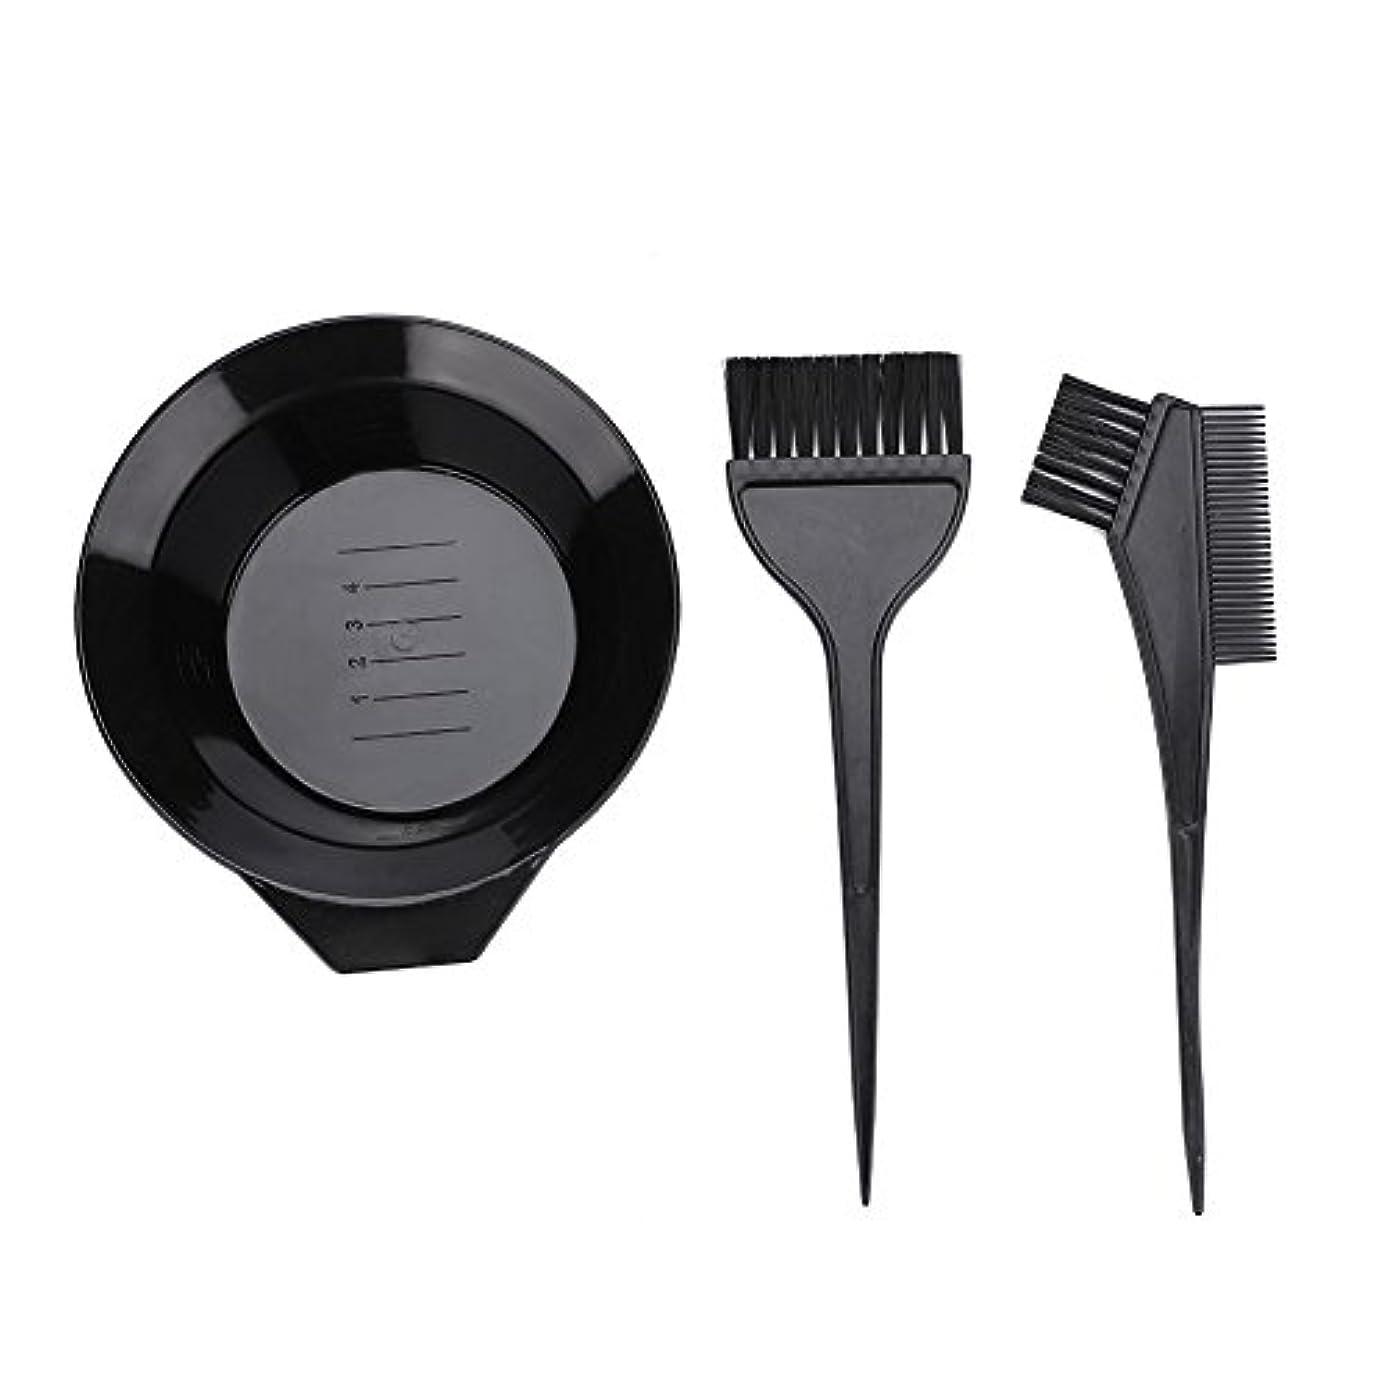 サスペンション形容詞憂鬱なヘアカラーブラシとボウルセット、プロフェッショナルヘアサロン染色パーマツール